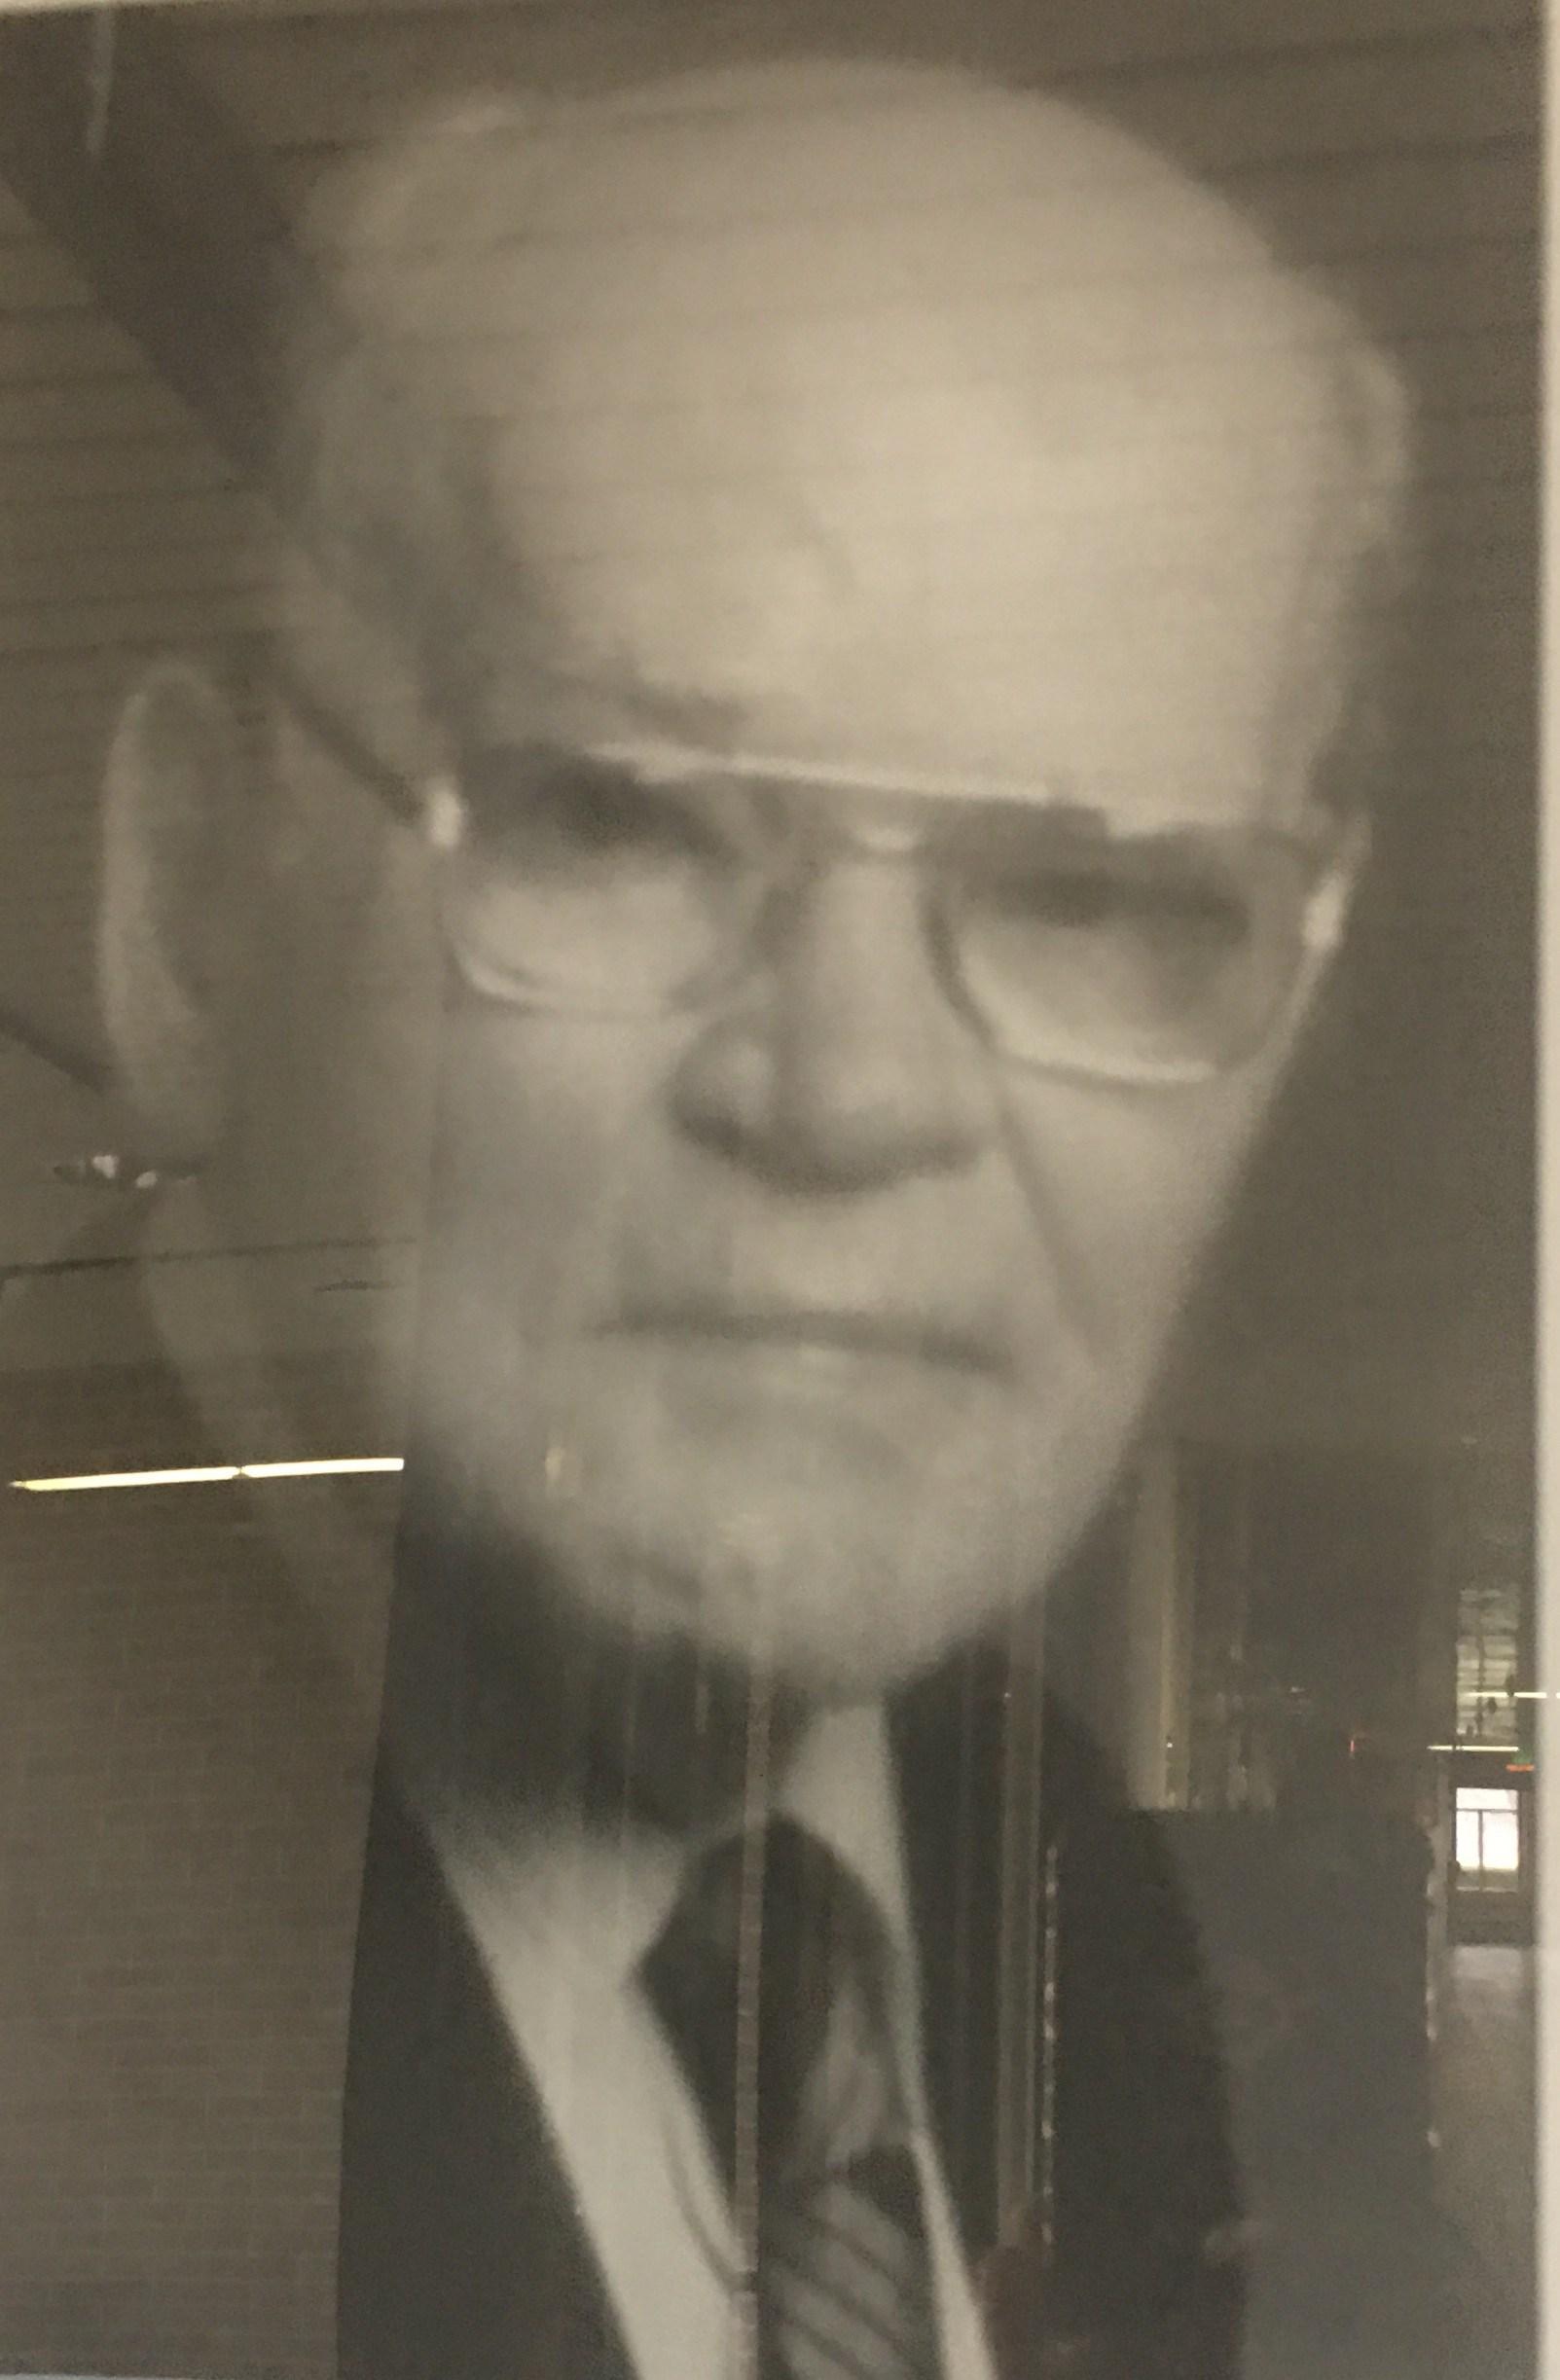 William L. Fair